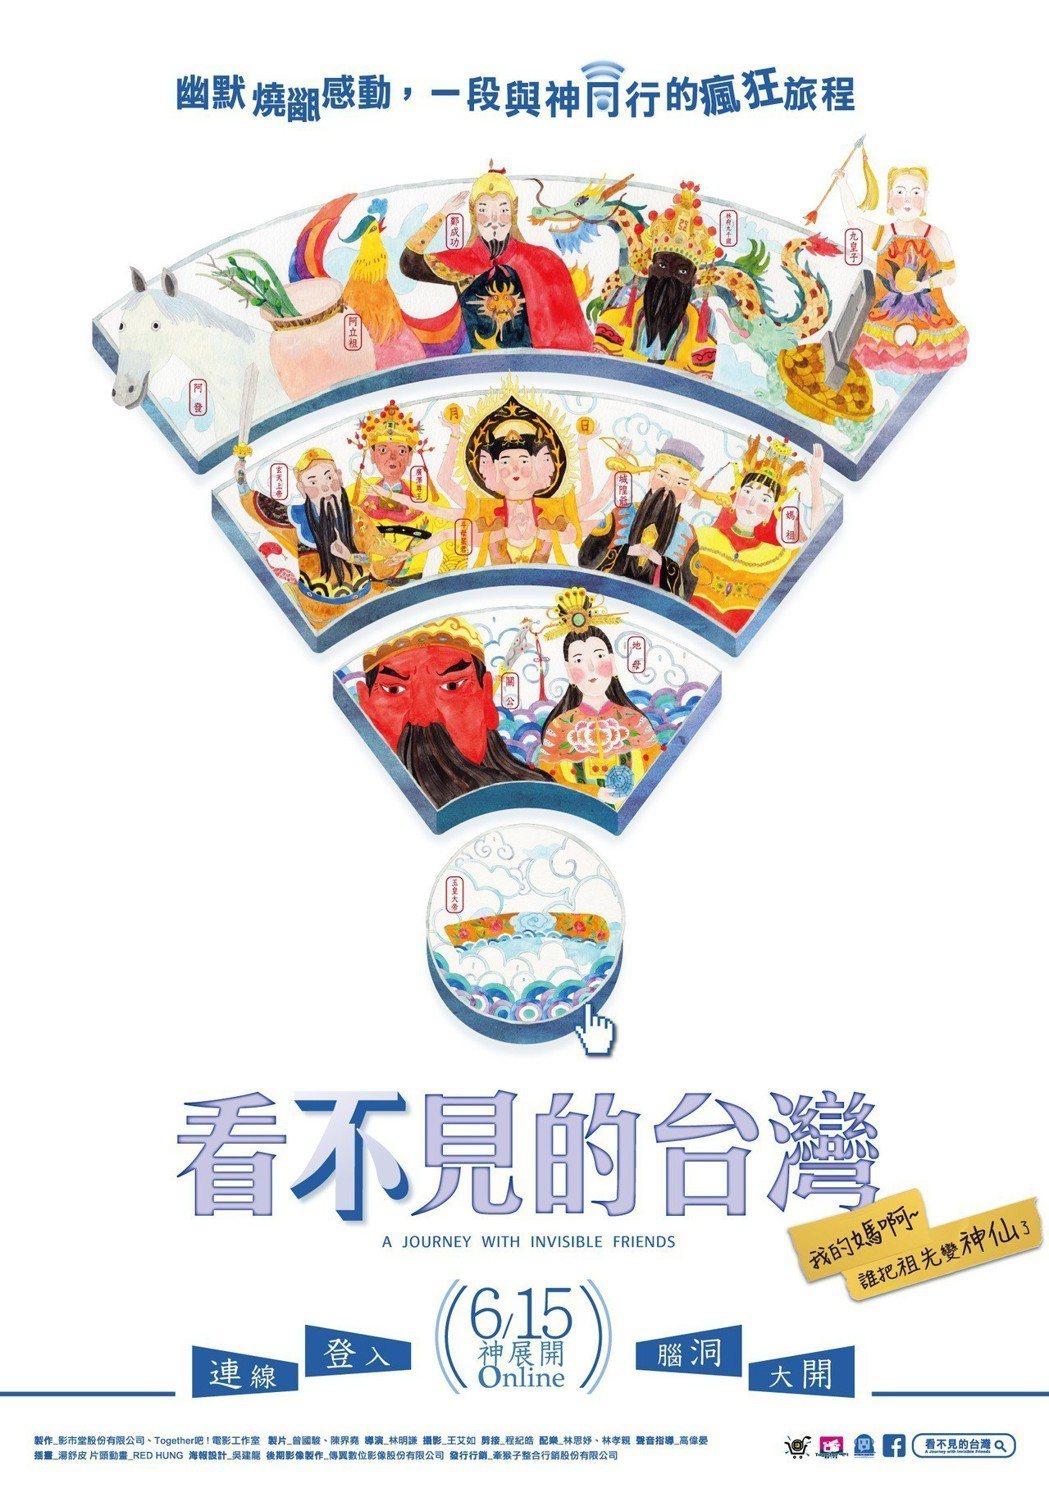 「看不見的台灣」海報。圖/牽猴子提供